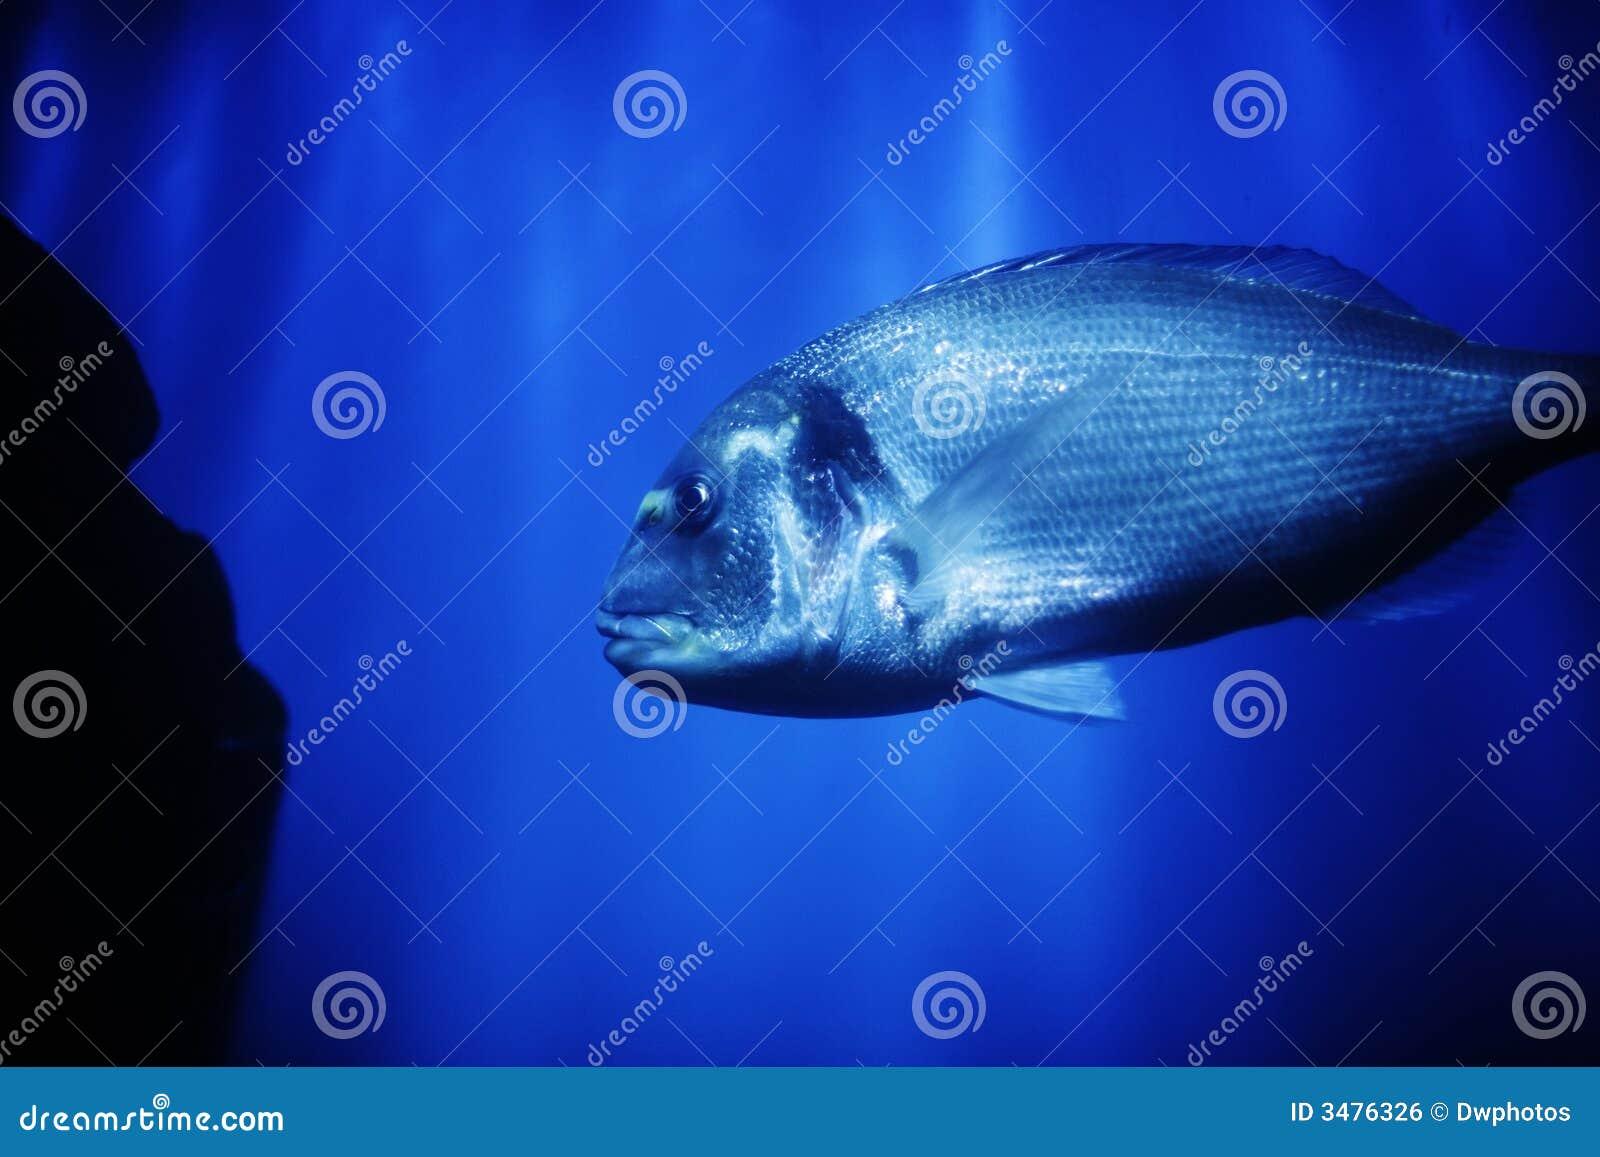 Big fish in ocean royalty free stock image image 3476326 for Big fish in the ocean